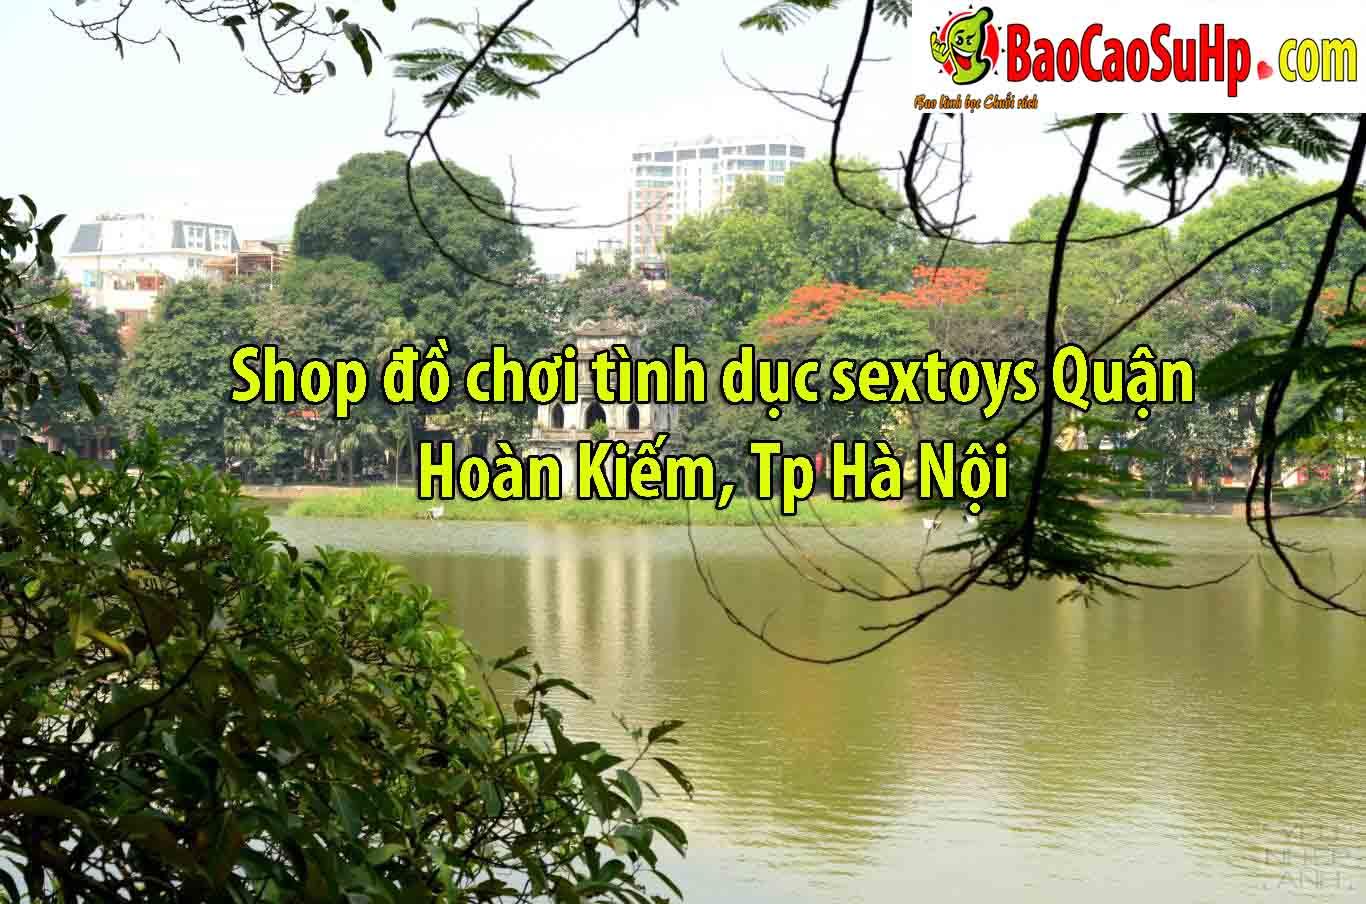 shop sextoys do choi tinh duc quan hoan kiem ha noi - Shop đồ chơi tình dục sextoys Quận Hoàn Kiếm, Tp Hà Nội uy tín